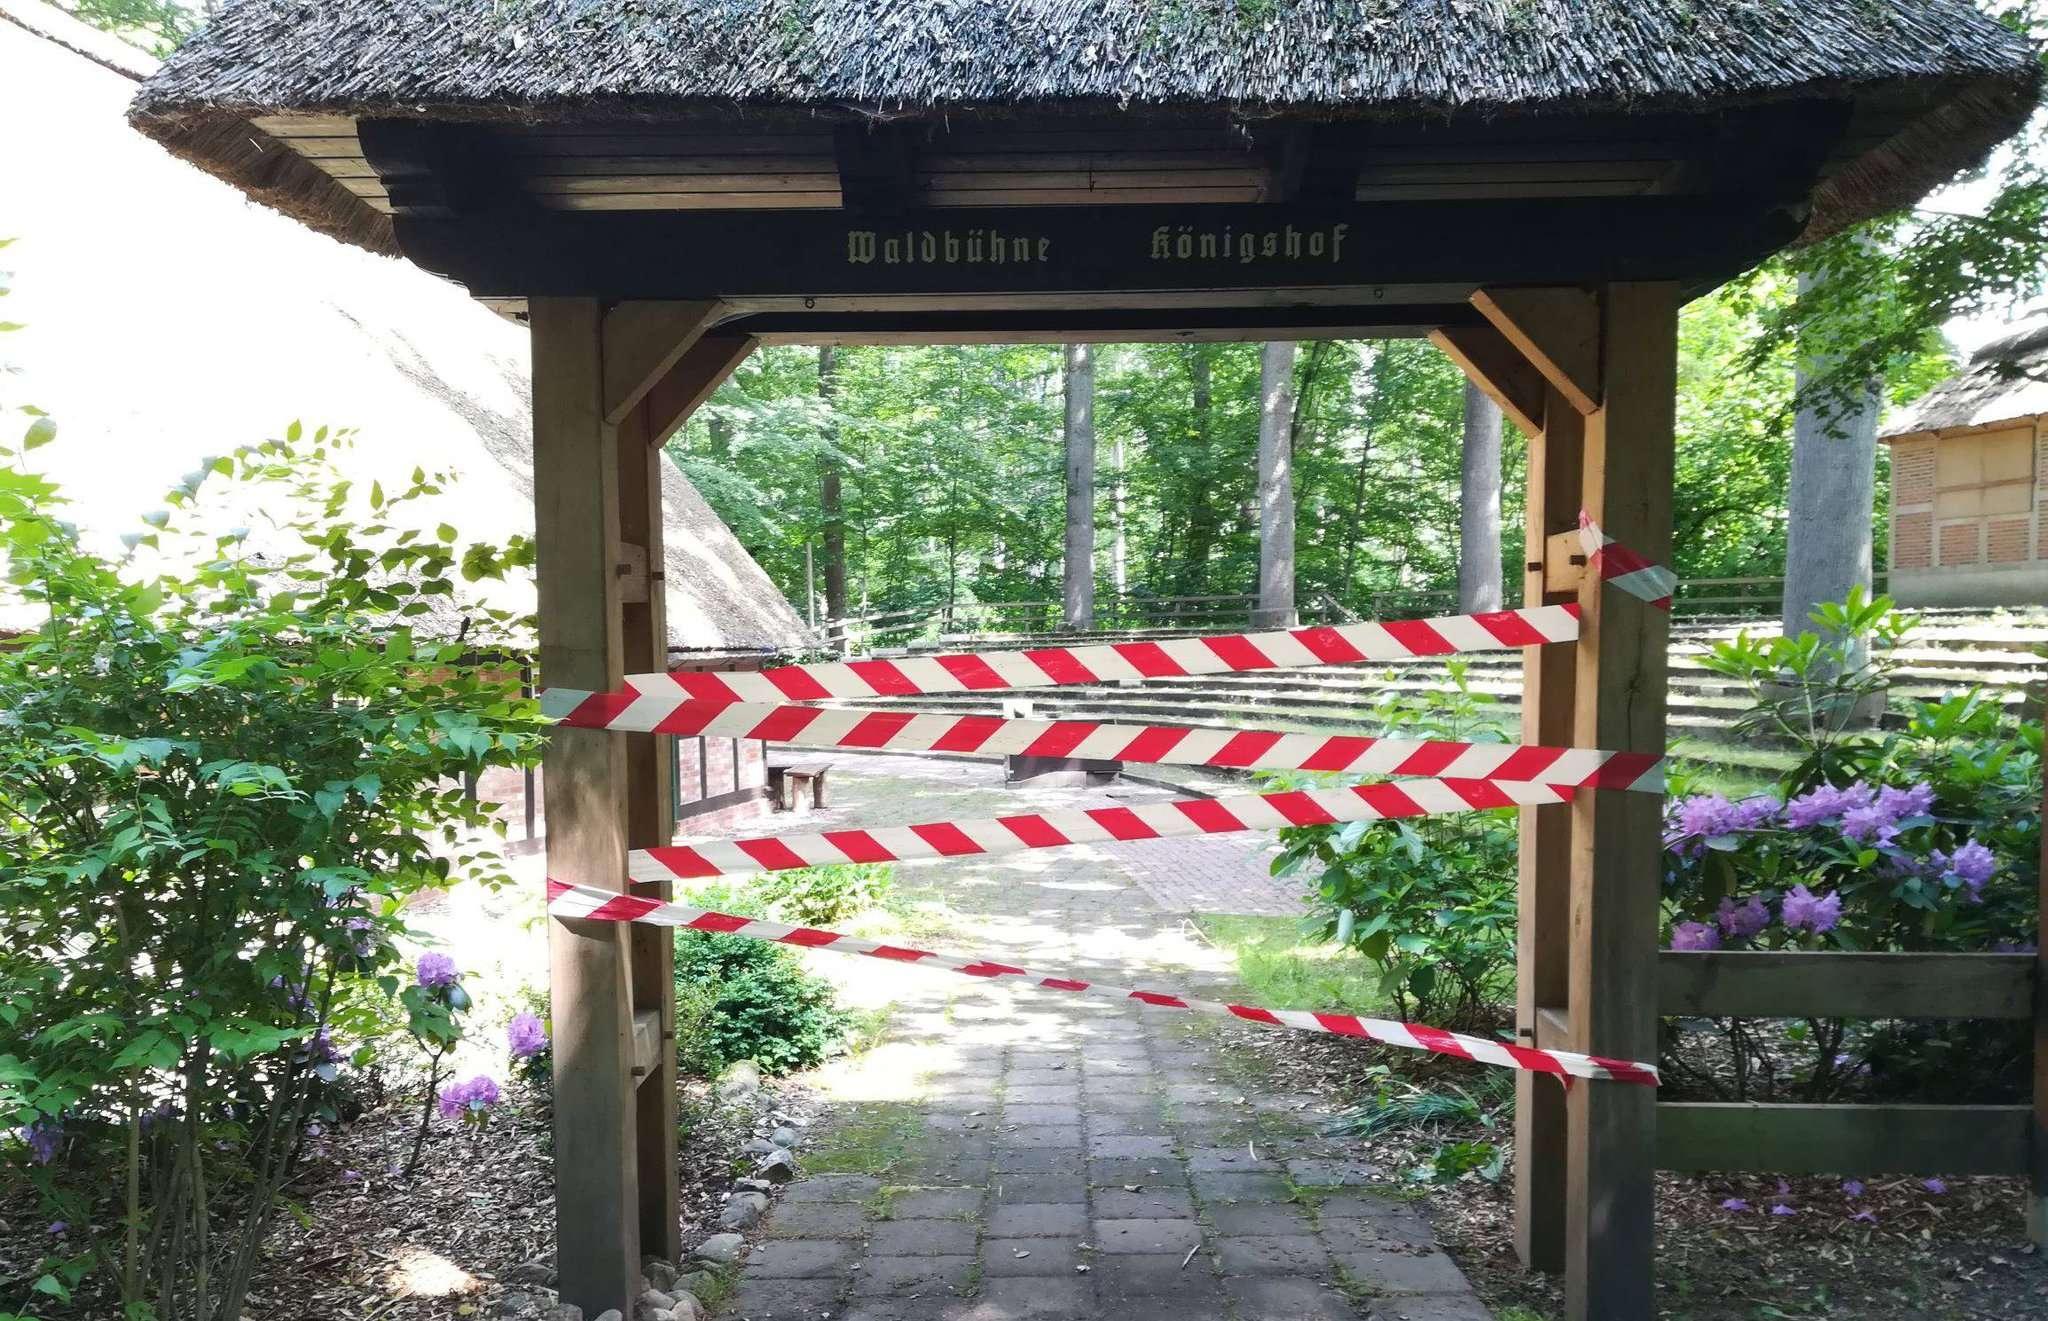 Ob in diesem Jahr auf der Waldbühne Königshof die beleibten Freilichttheatervorstellungen stattfinden können, steht noch nicht fest.